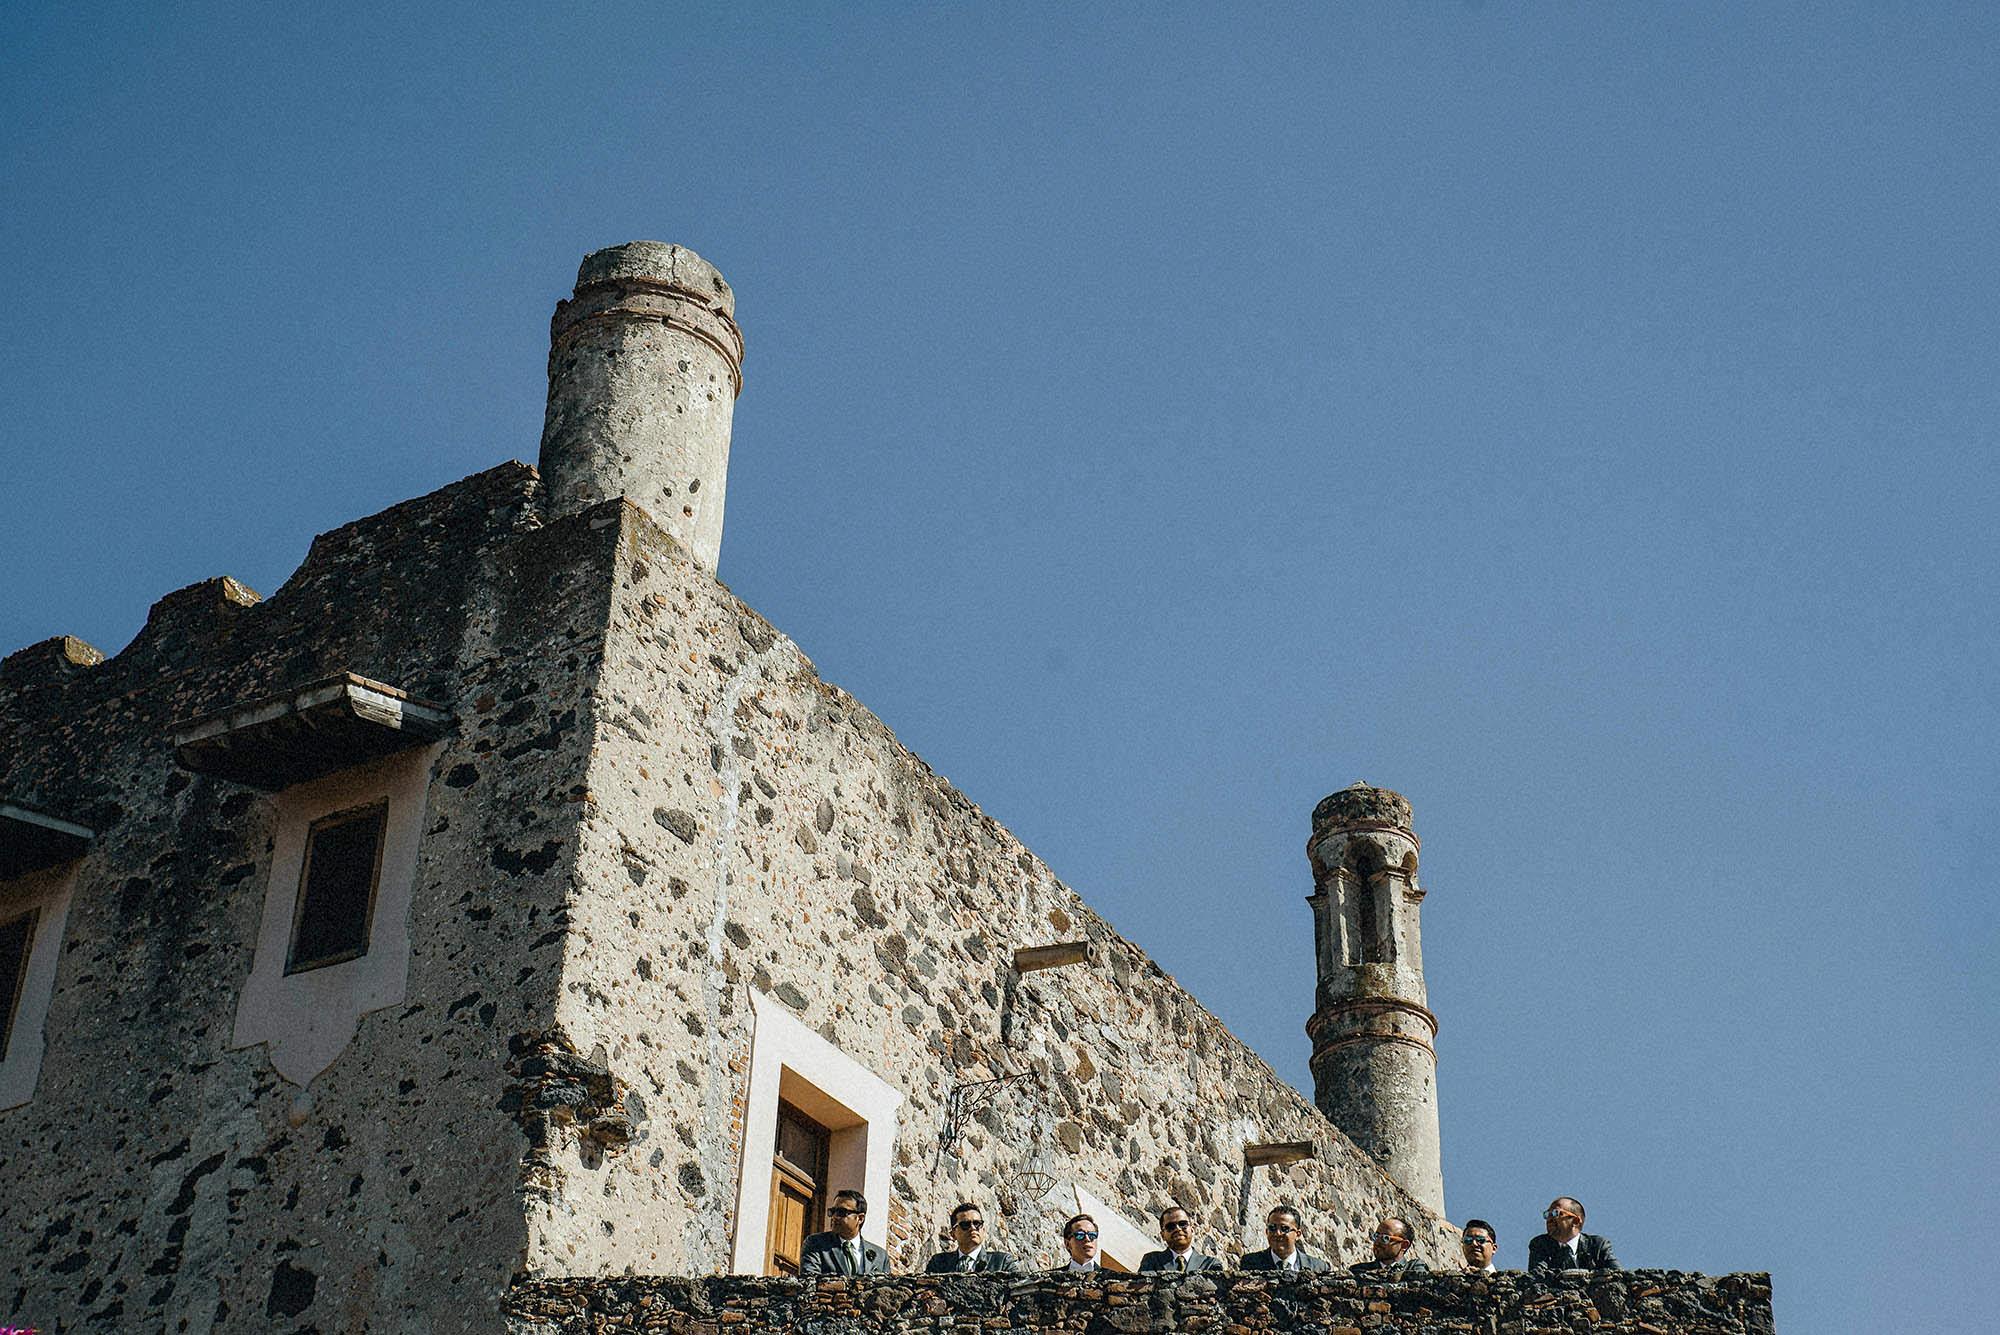 09 Boda Queretaro hacienda top mejores magali espinosa fotografo 09-WEB.jpg